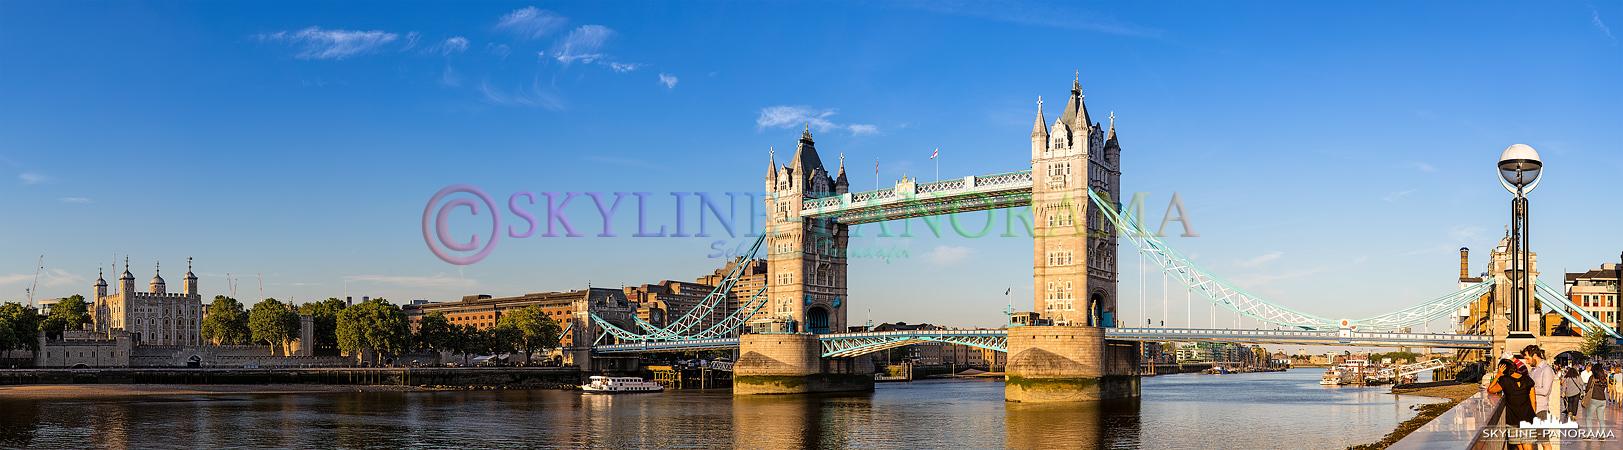 Wahrzeichen von London - Blick auf den Tower of London und die im letzten Sonnenlicht erstrahlende Tower Bridge, gesehen am Ufer der Themse auf Höhe der London City Hall.